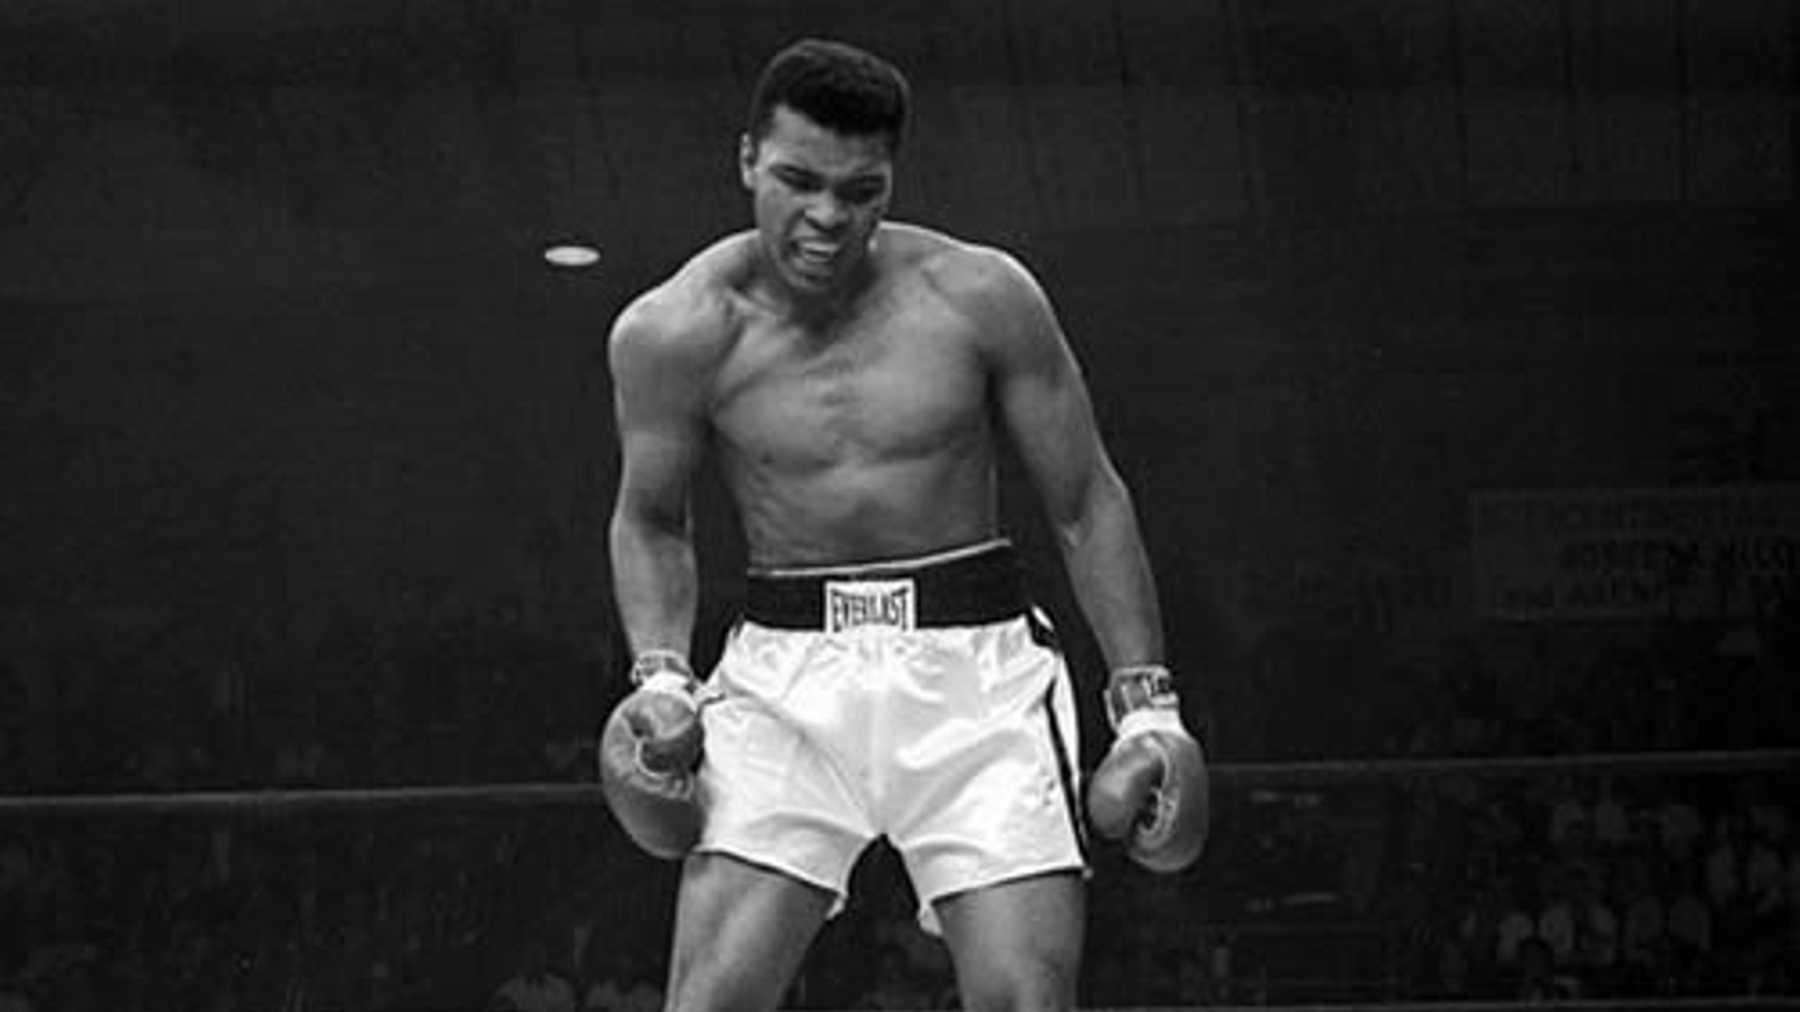 طرز فکر رشد محمد علی باعث شد او بزرگترین ورزشکار قرن شود